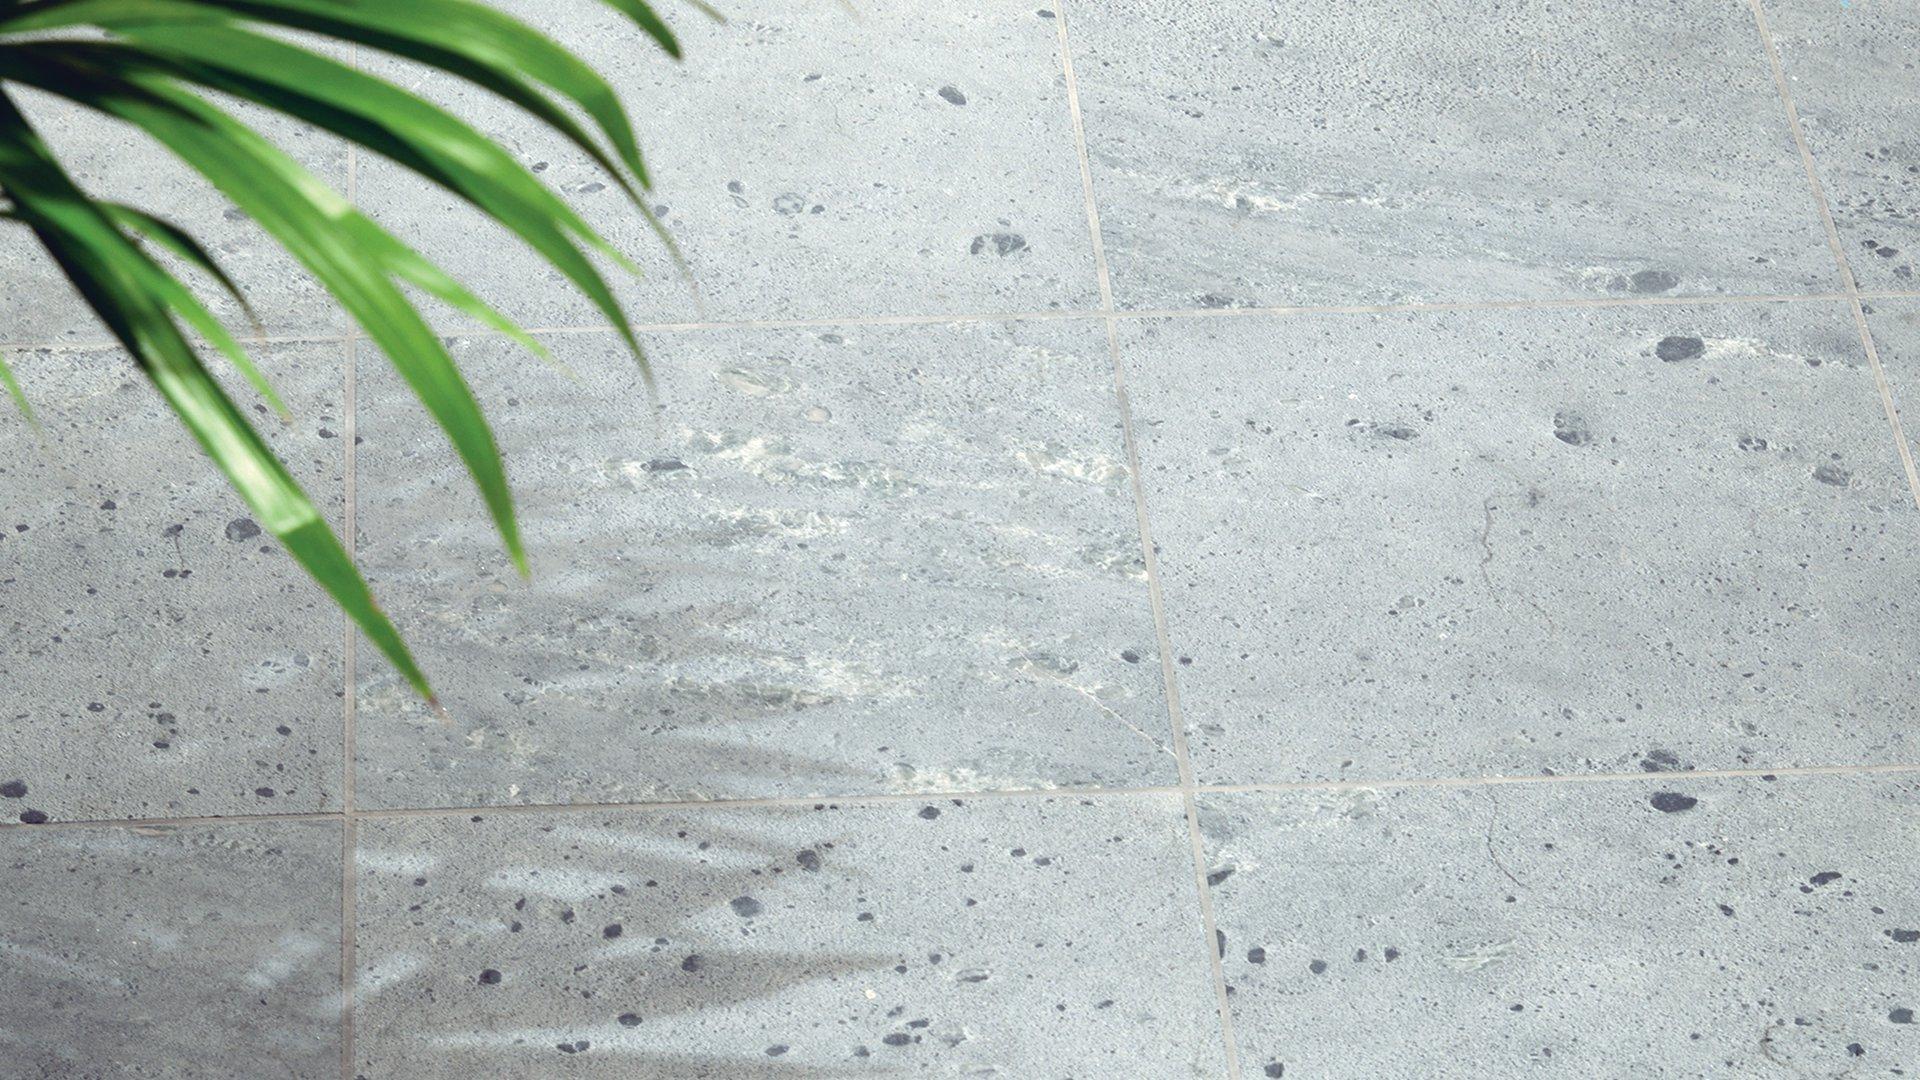 Luonnonkiven puhdistus ja hoito-ohje Tulikivi